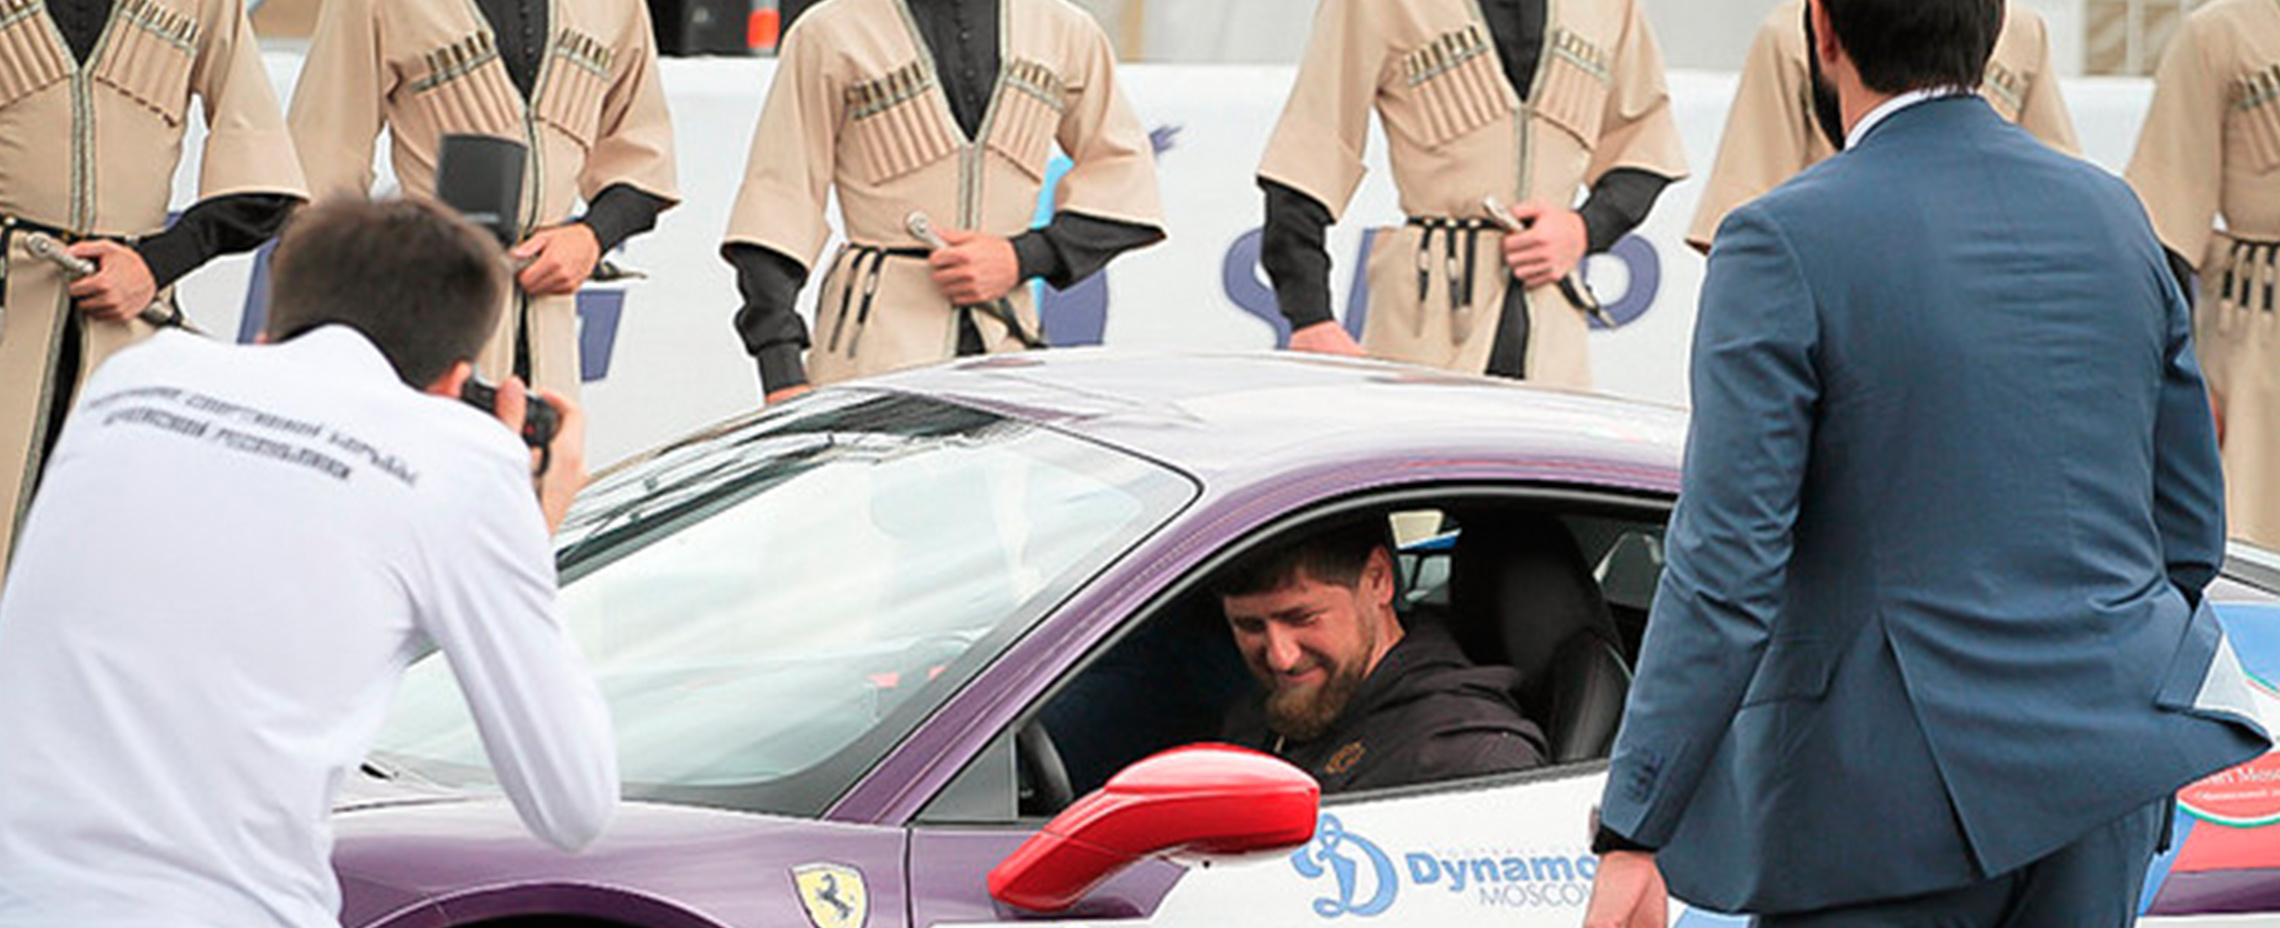 Реклама на городских праздниках в Чечне тест-драйв